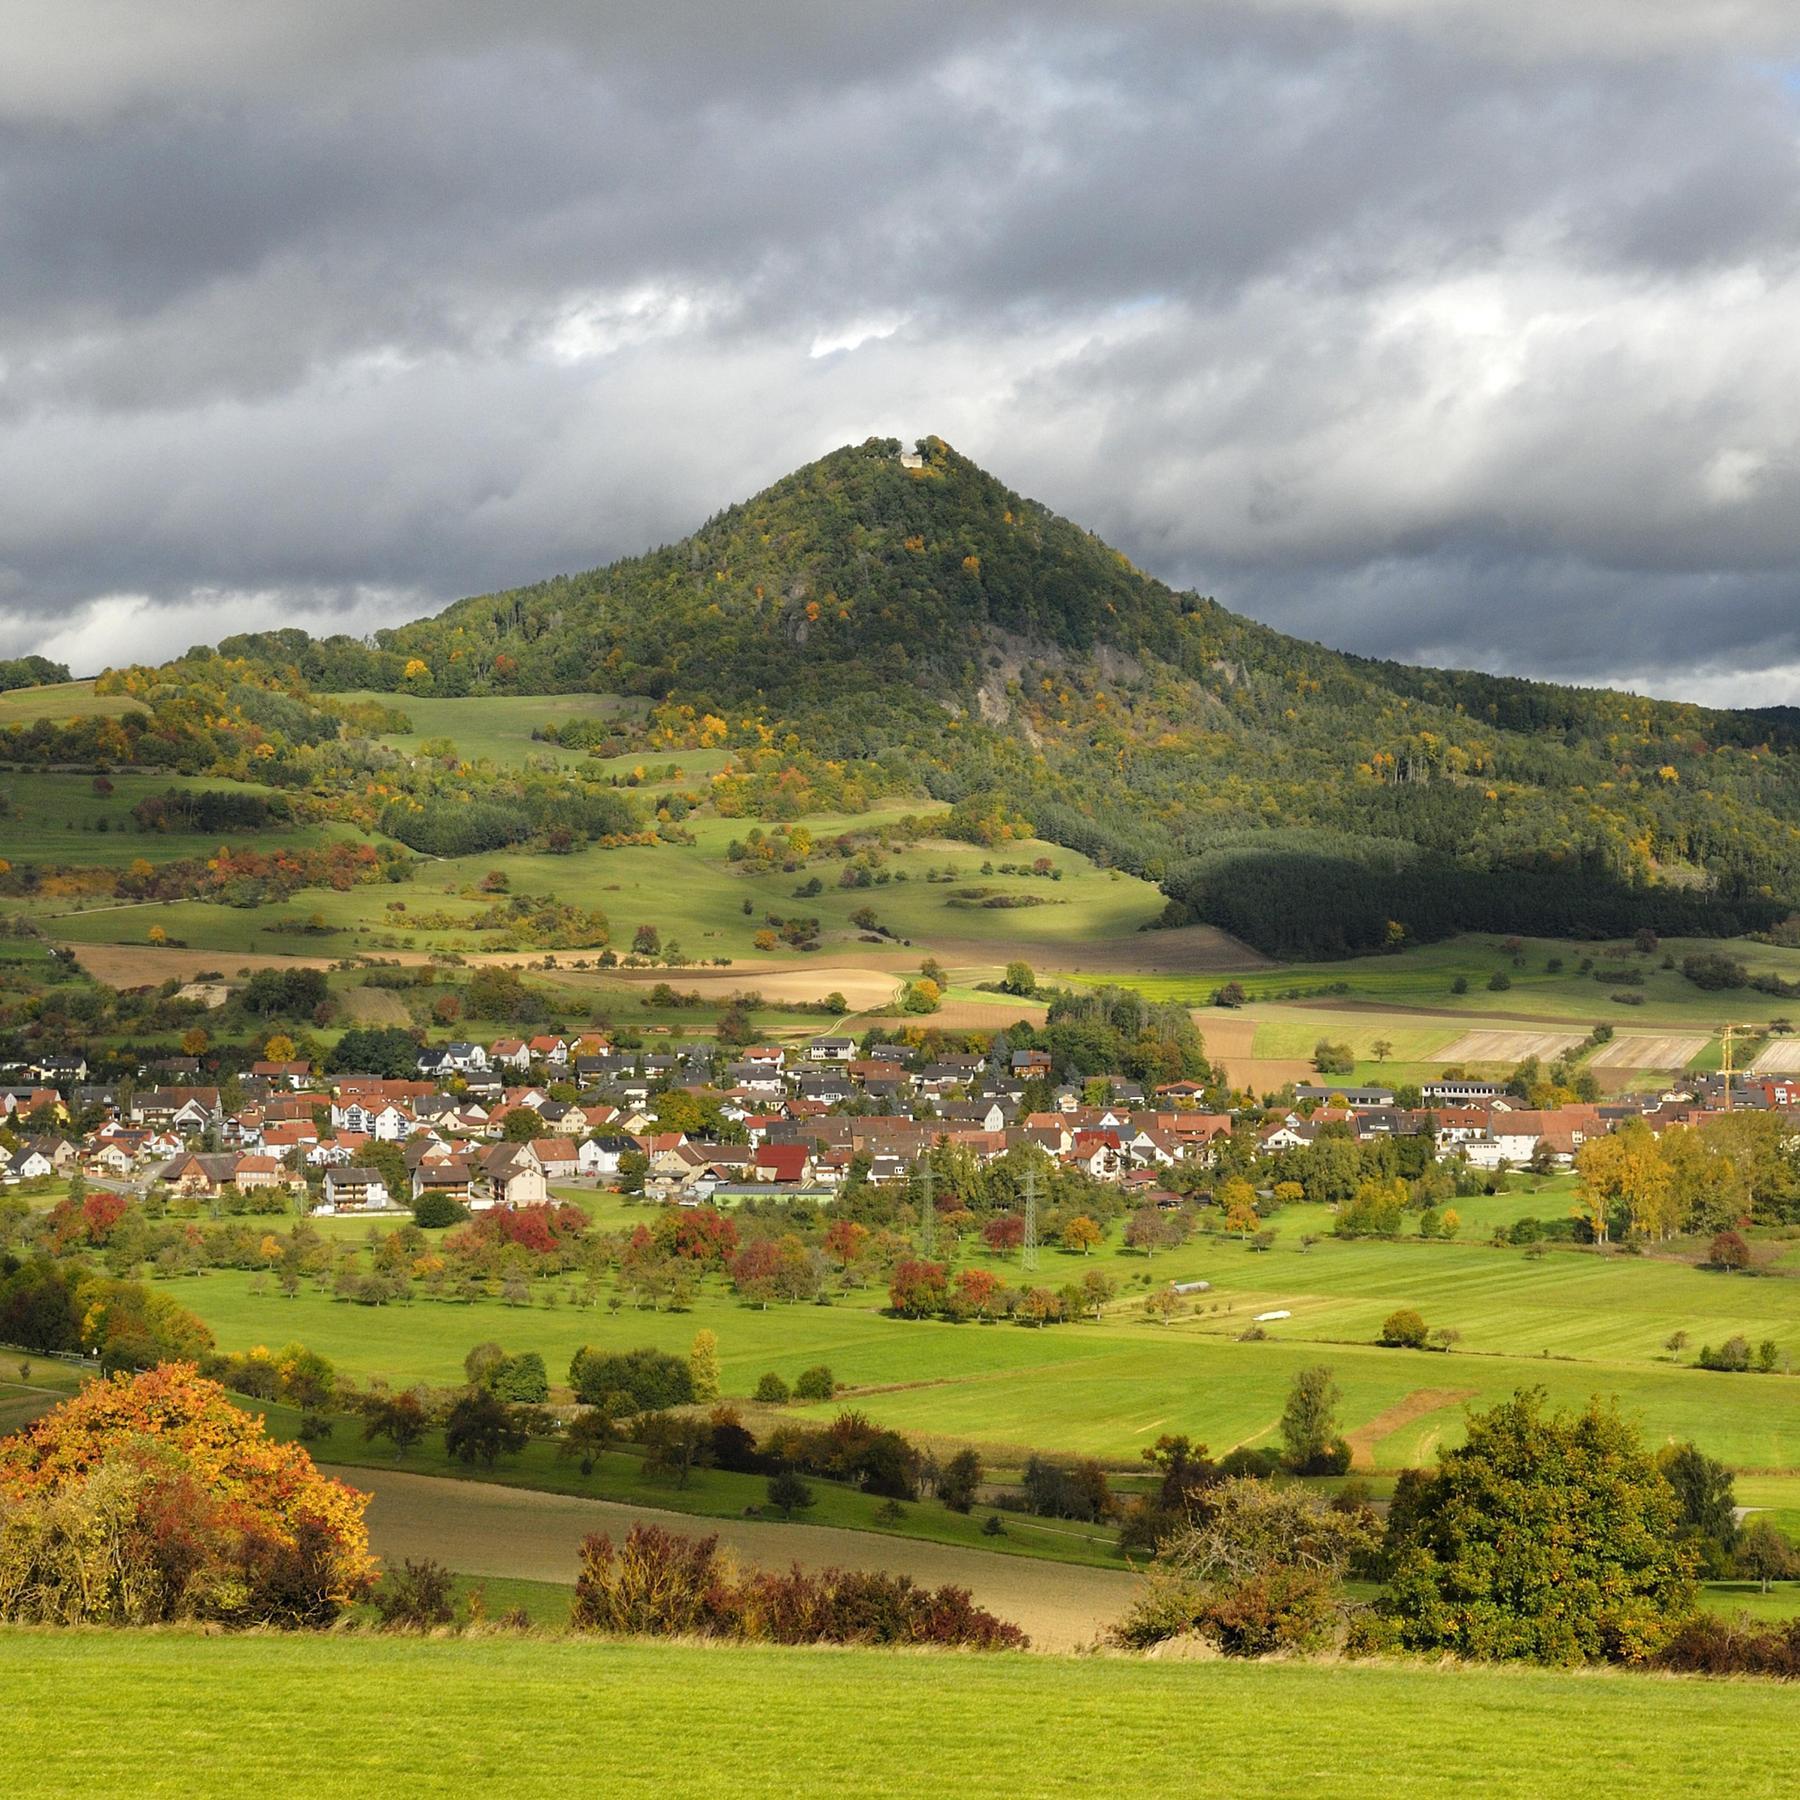 Vulkane in Deutschland - schlafende Riesen